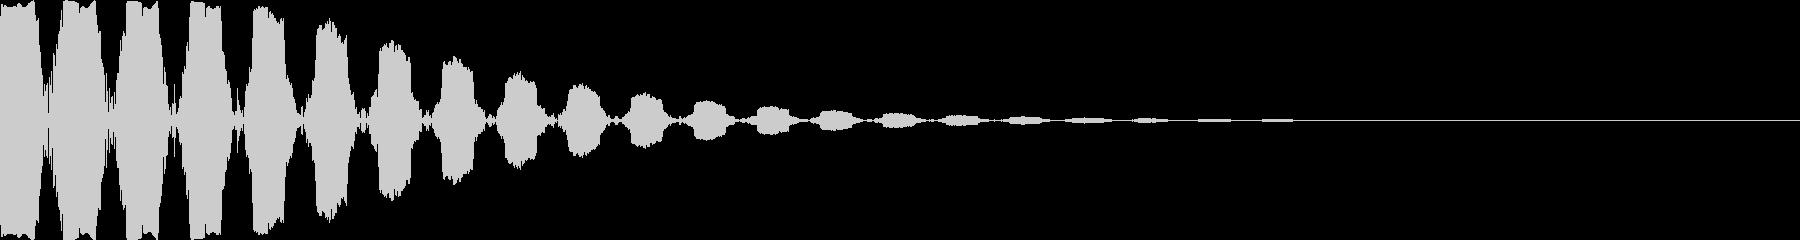 [ブッ]カーソル/設定/選択/移動/決定の未再生の波形